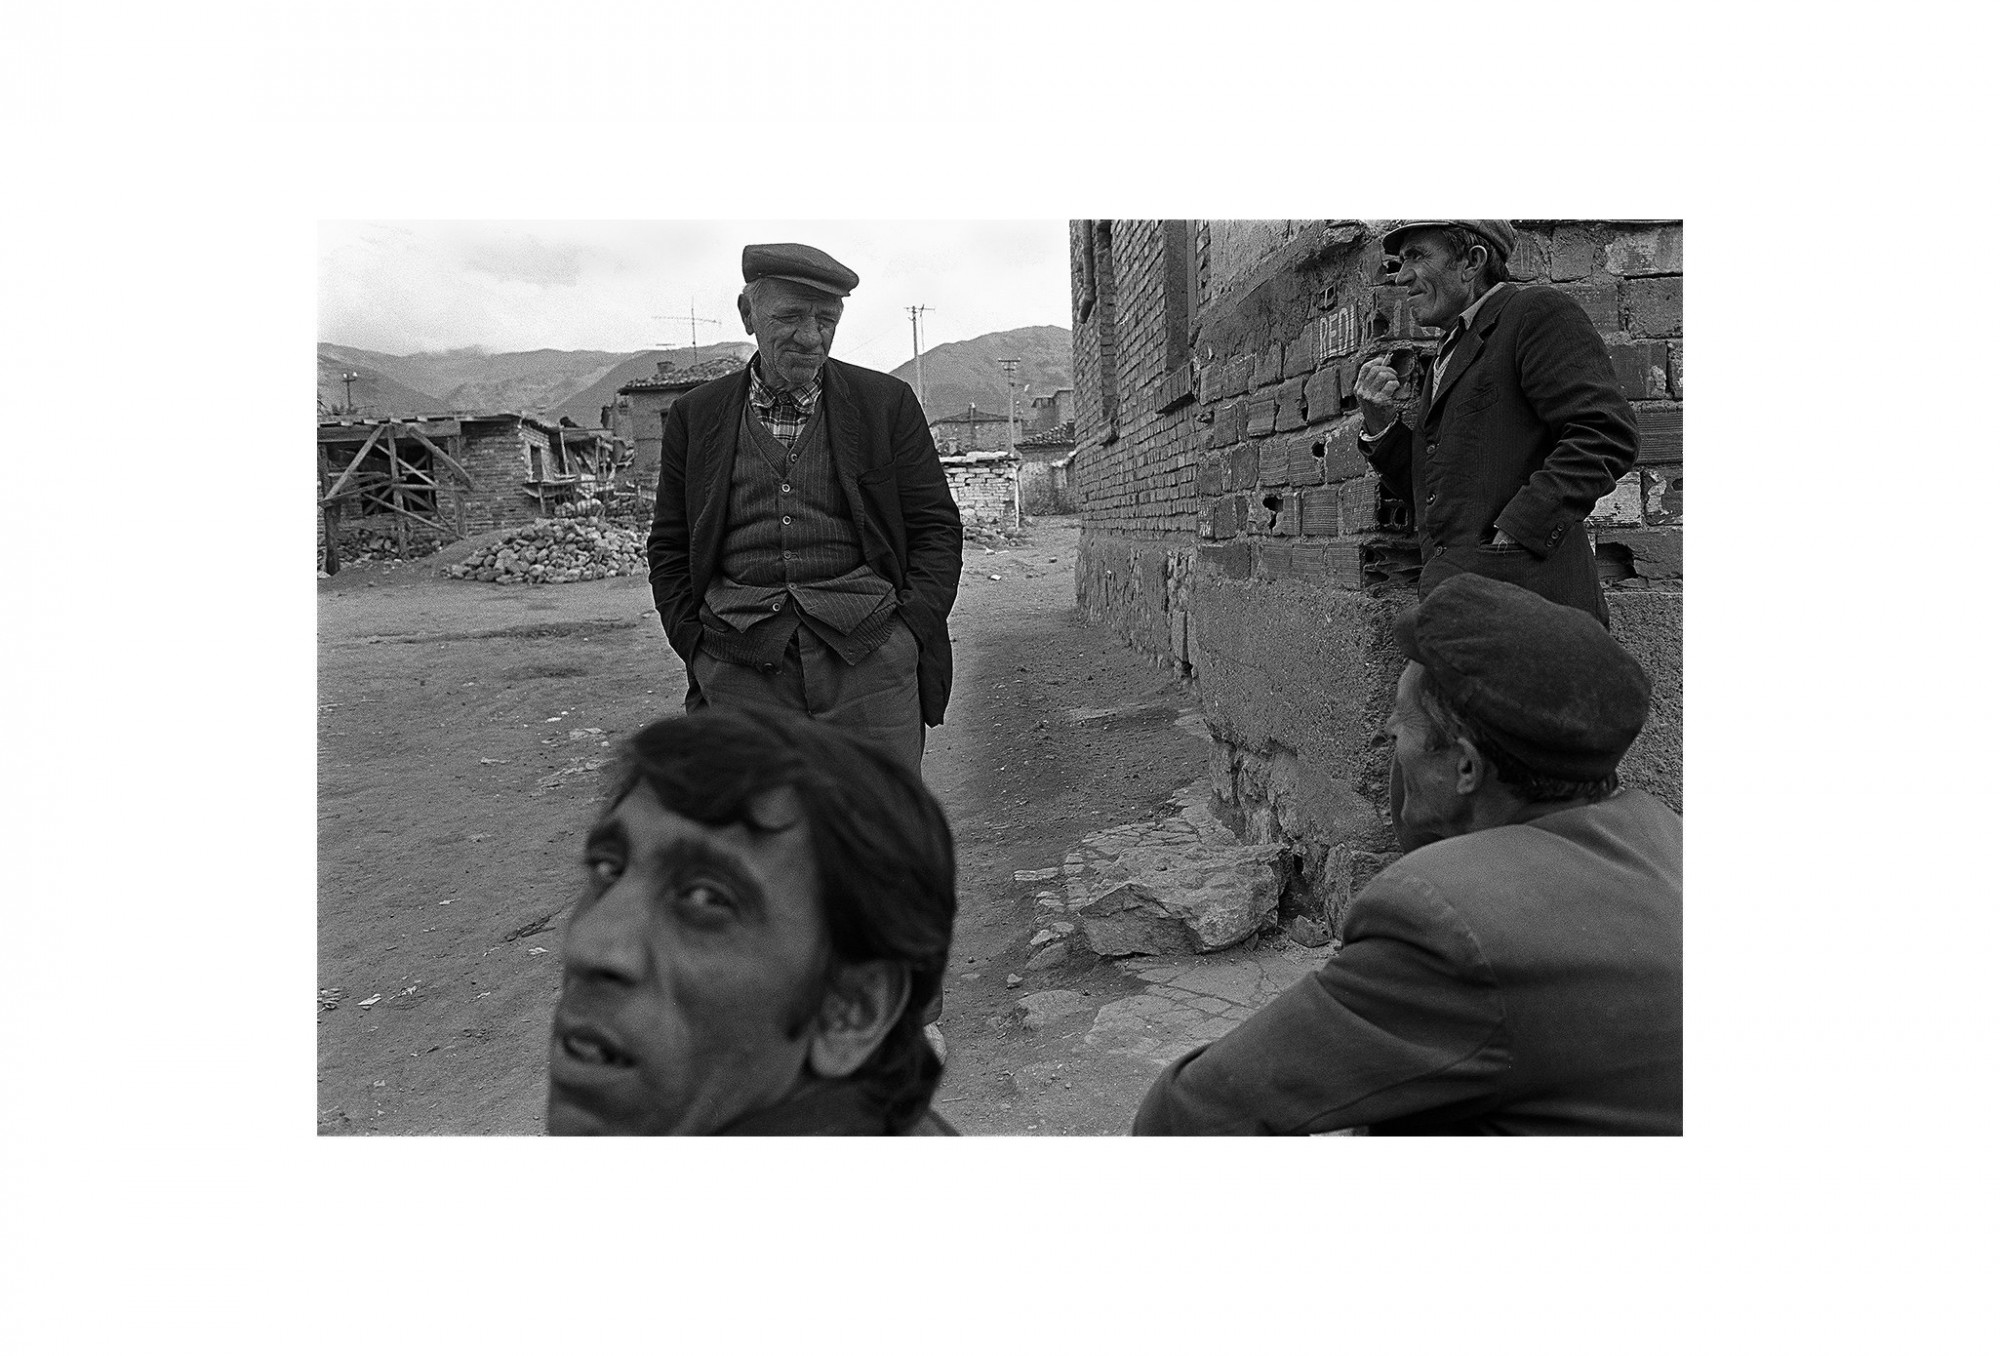 Afbeelding: Fotokunst Dominique Van Huffel, uit de reeks: Waar de sterre bleef stille staan. Zigeuners, Albanië.